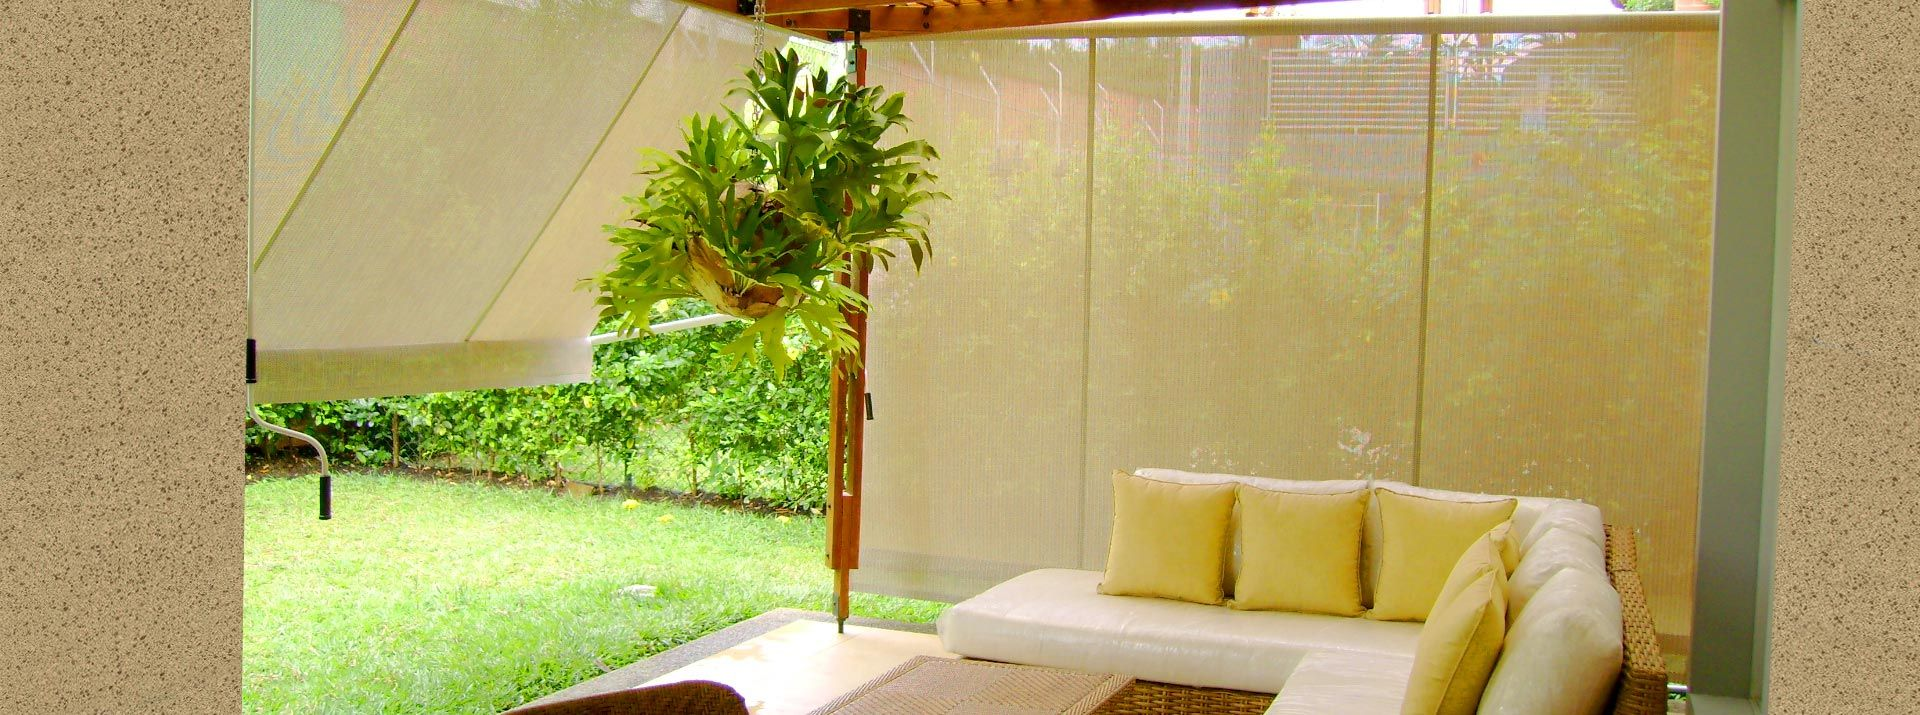 Parasoles Tropicales Toldos Sombralinas Muebles En Teca  # Muebles Teca Interior